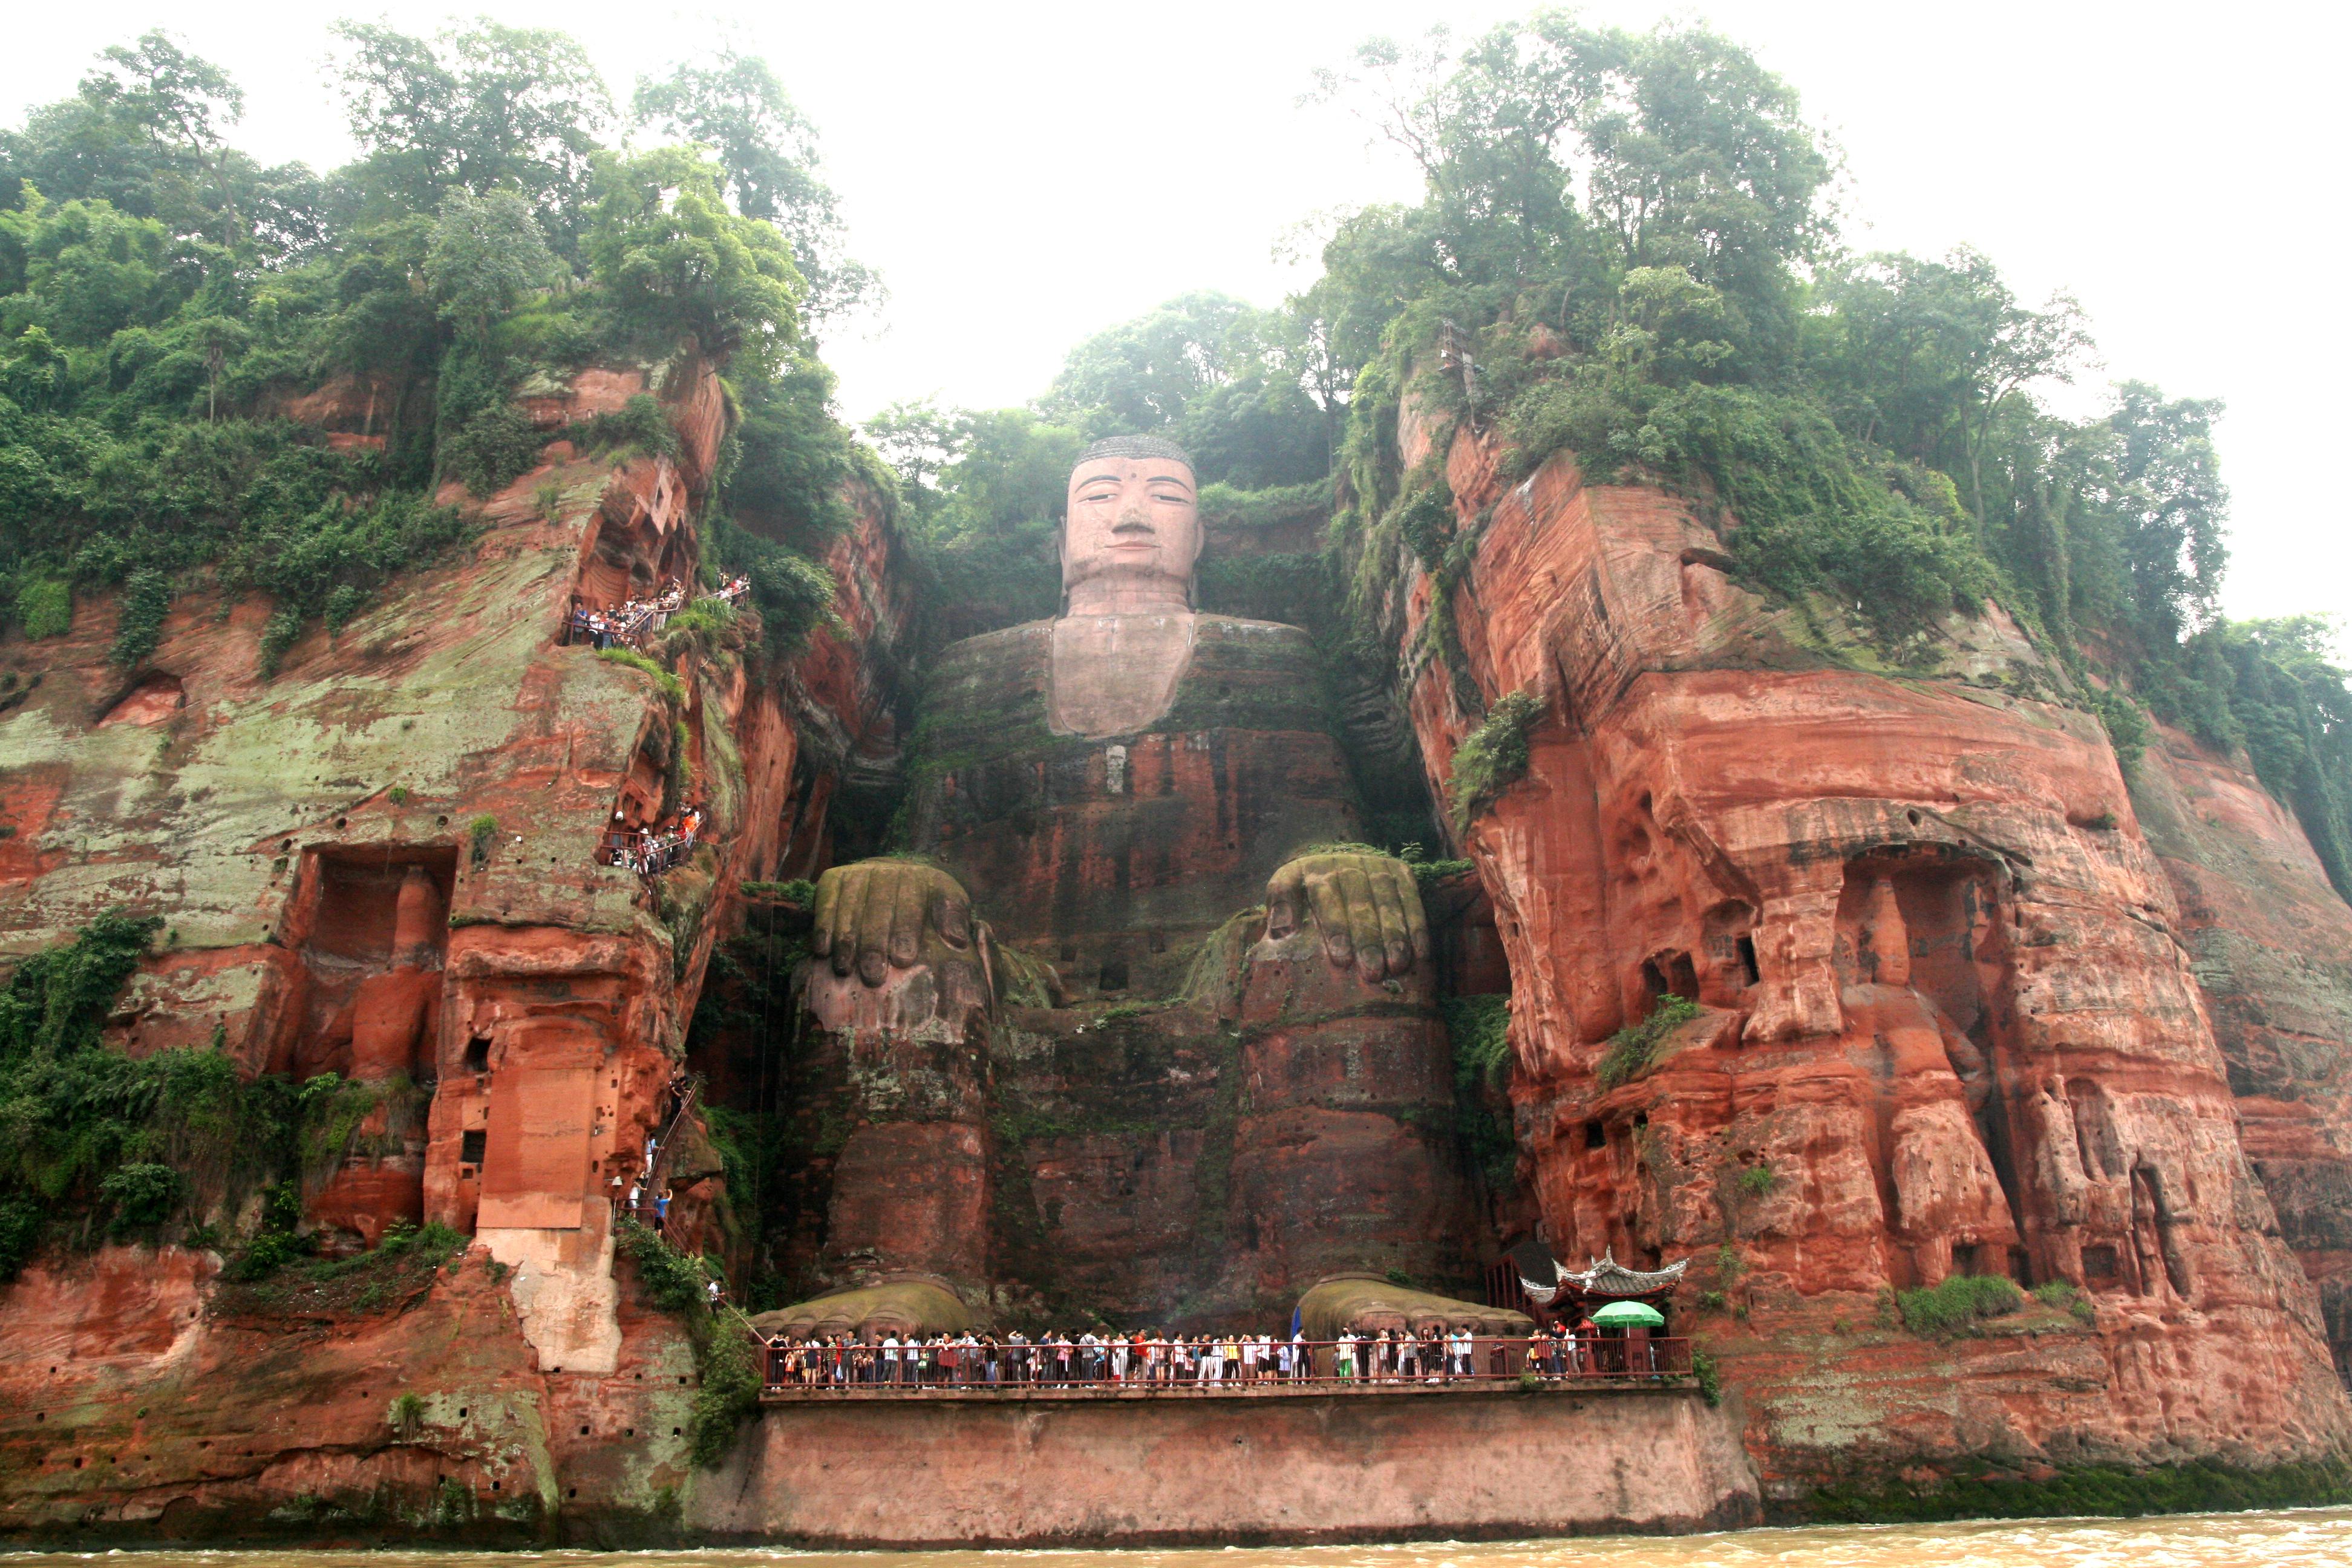 Leshan China  city images : buda gigante leshan china